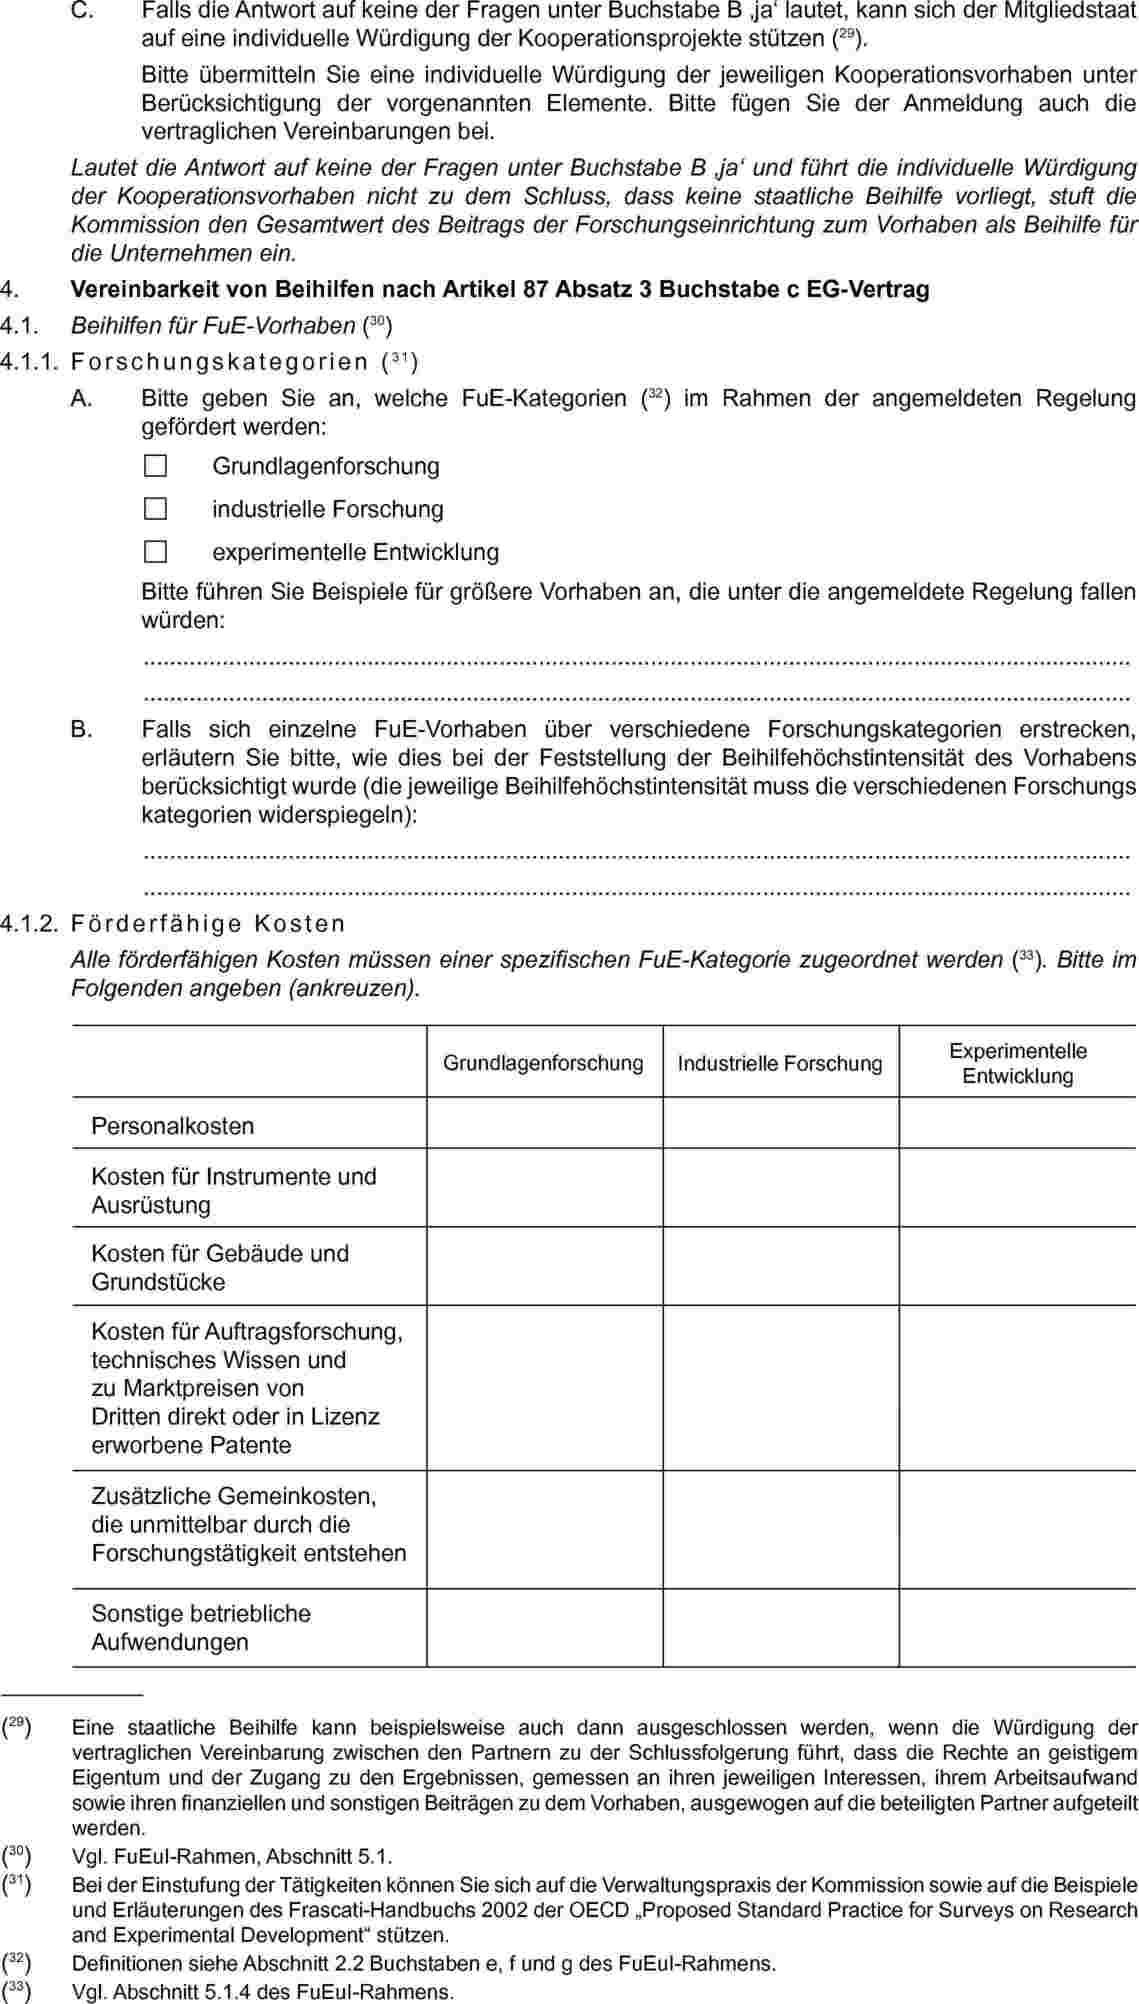 Schön Subunternehmer Fragebogen Vorlage Galerie - Beispiel ...